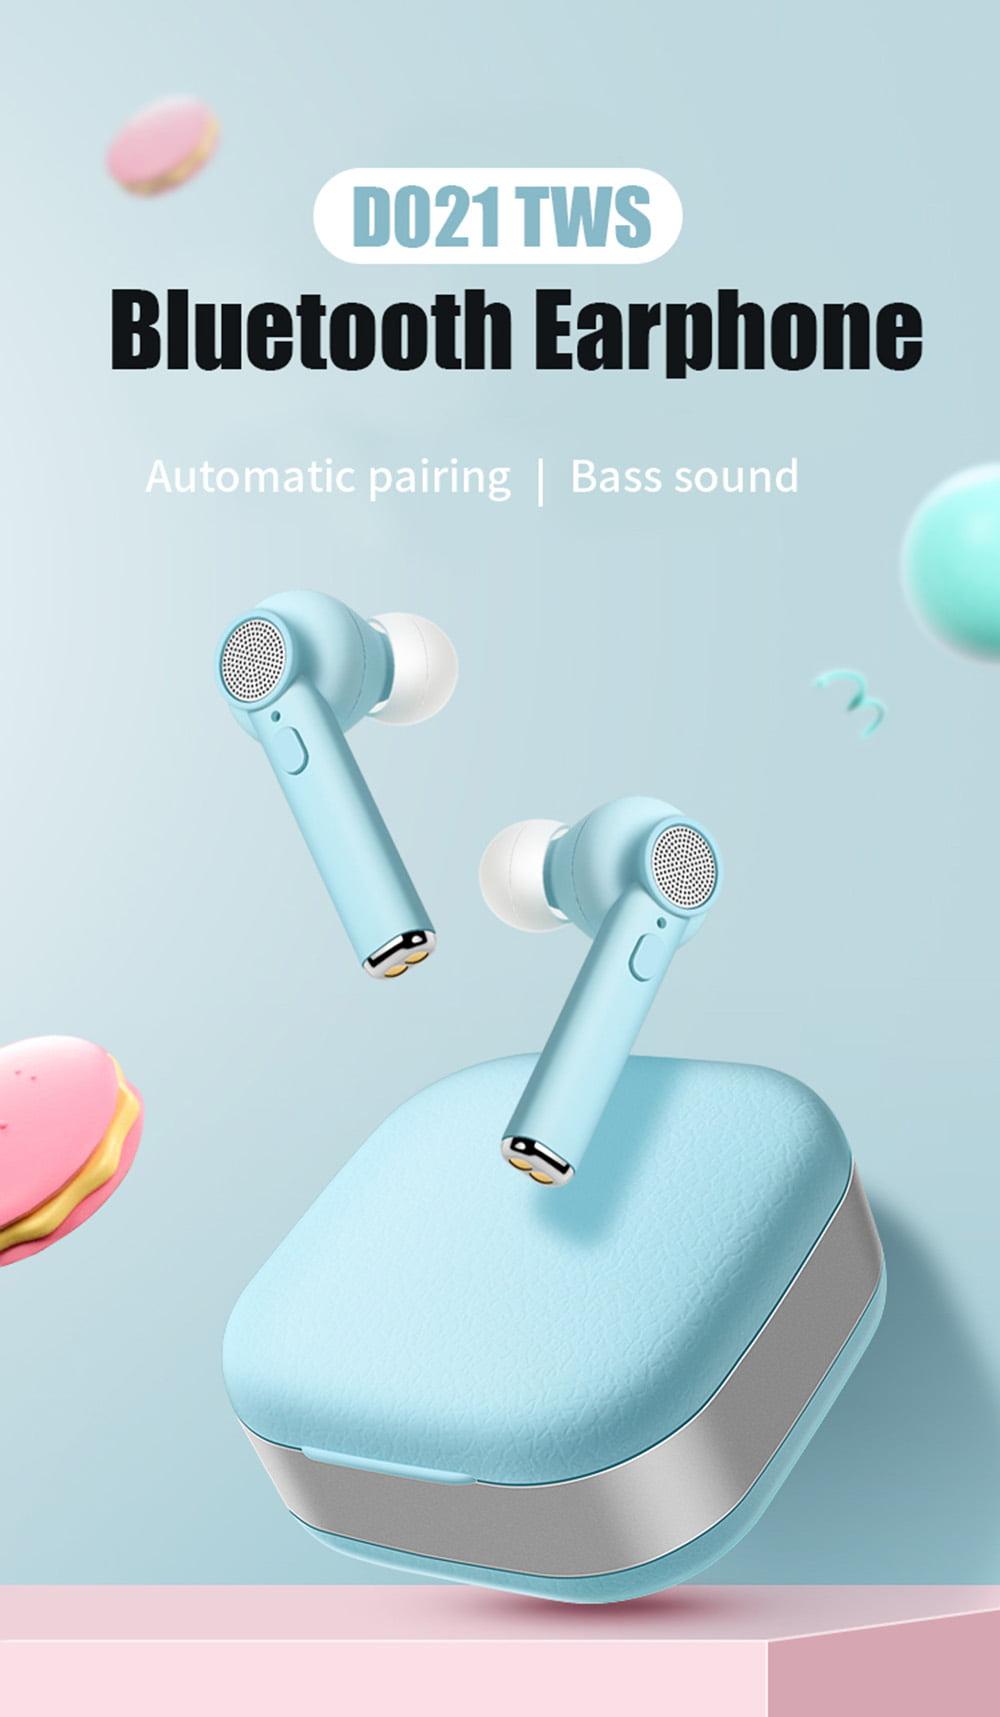 d021 tws earphone bluetooth 5.0 for iphone xiaomi huawei (1 (20)